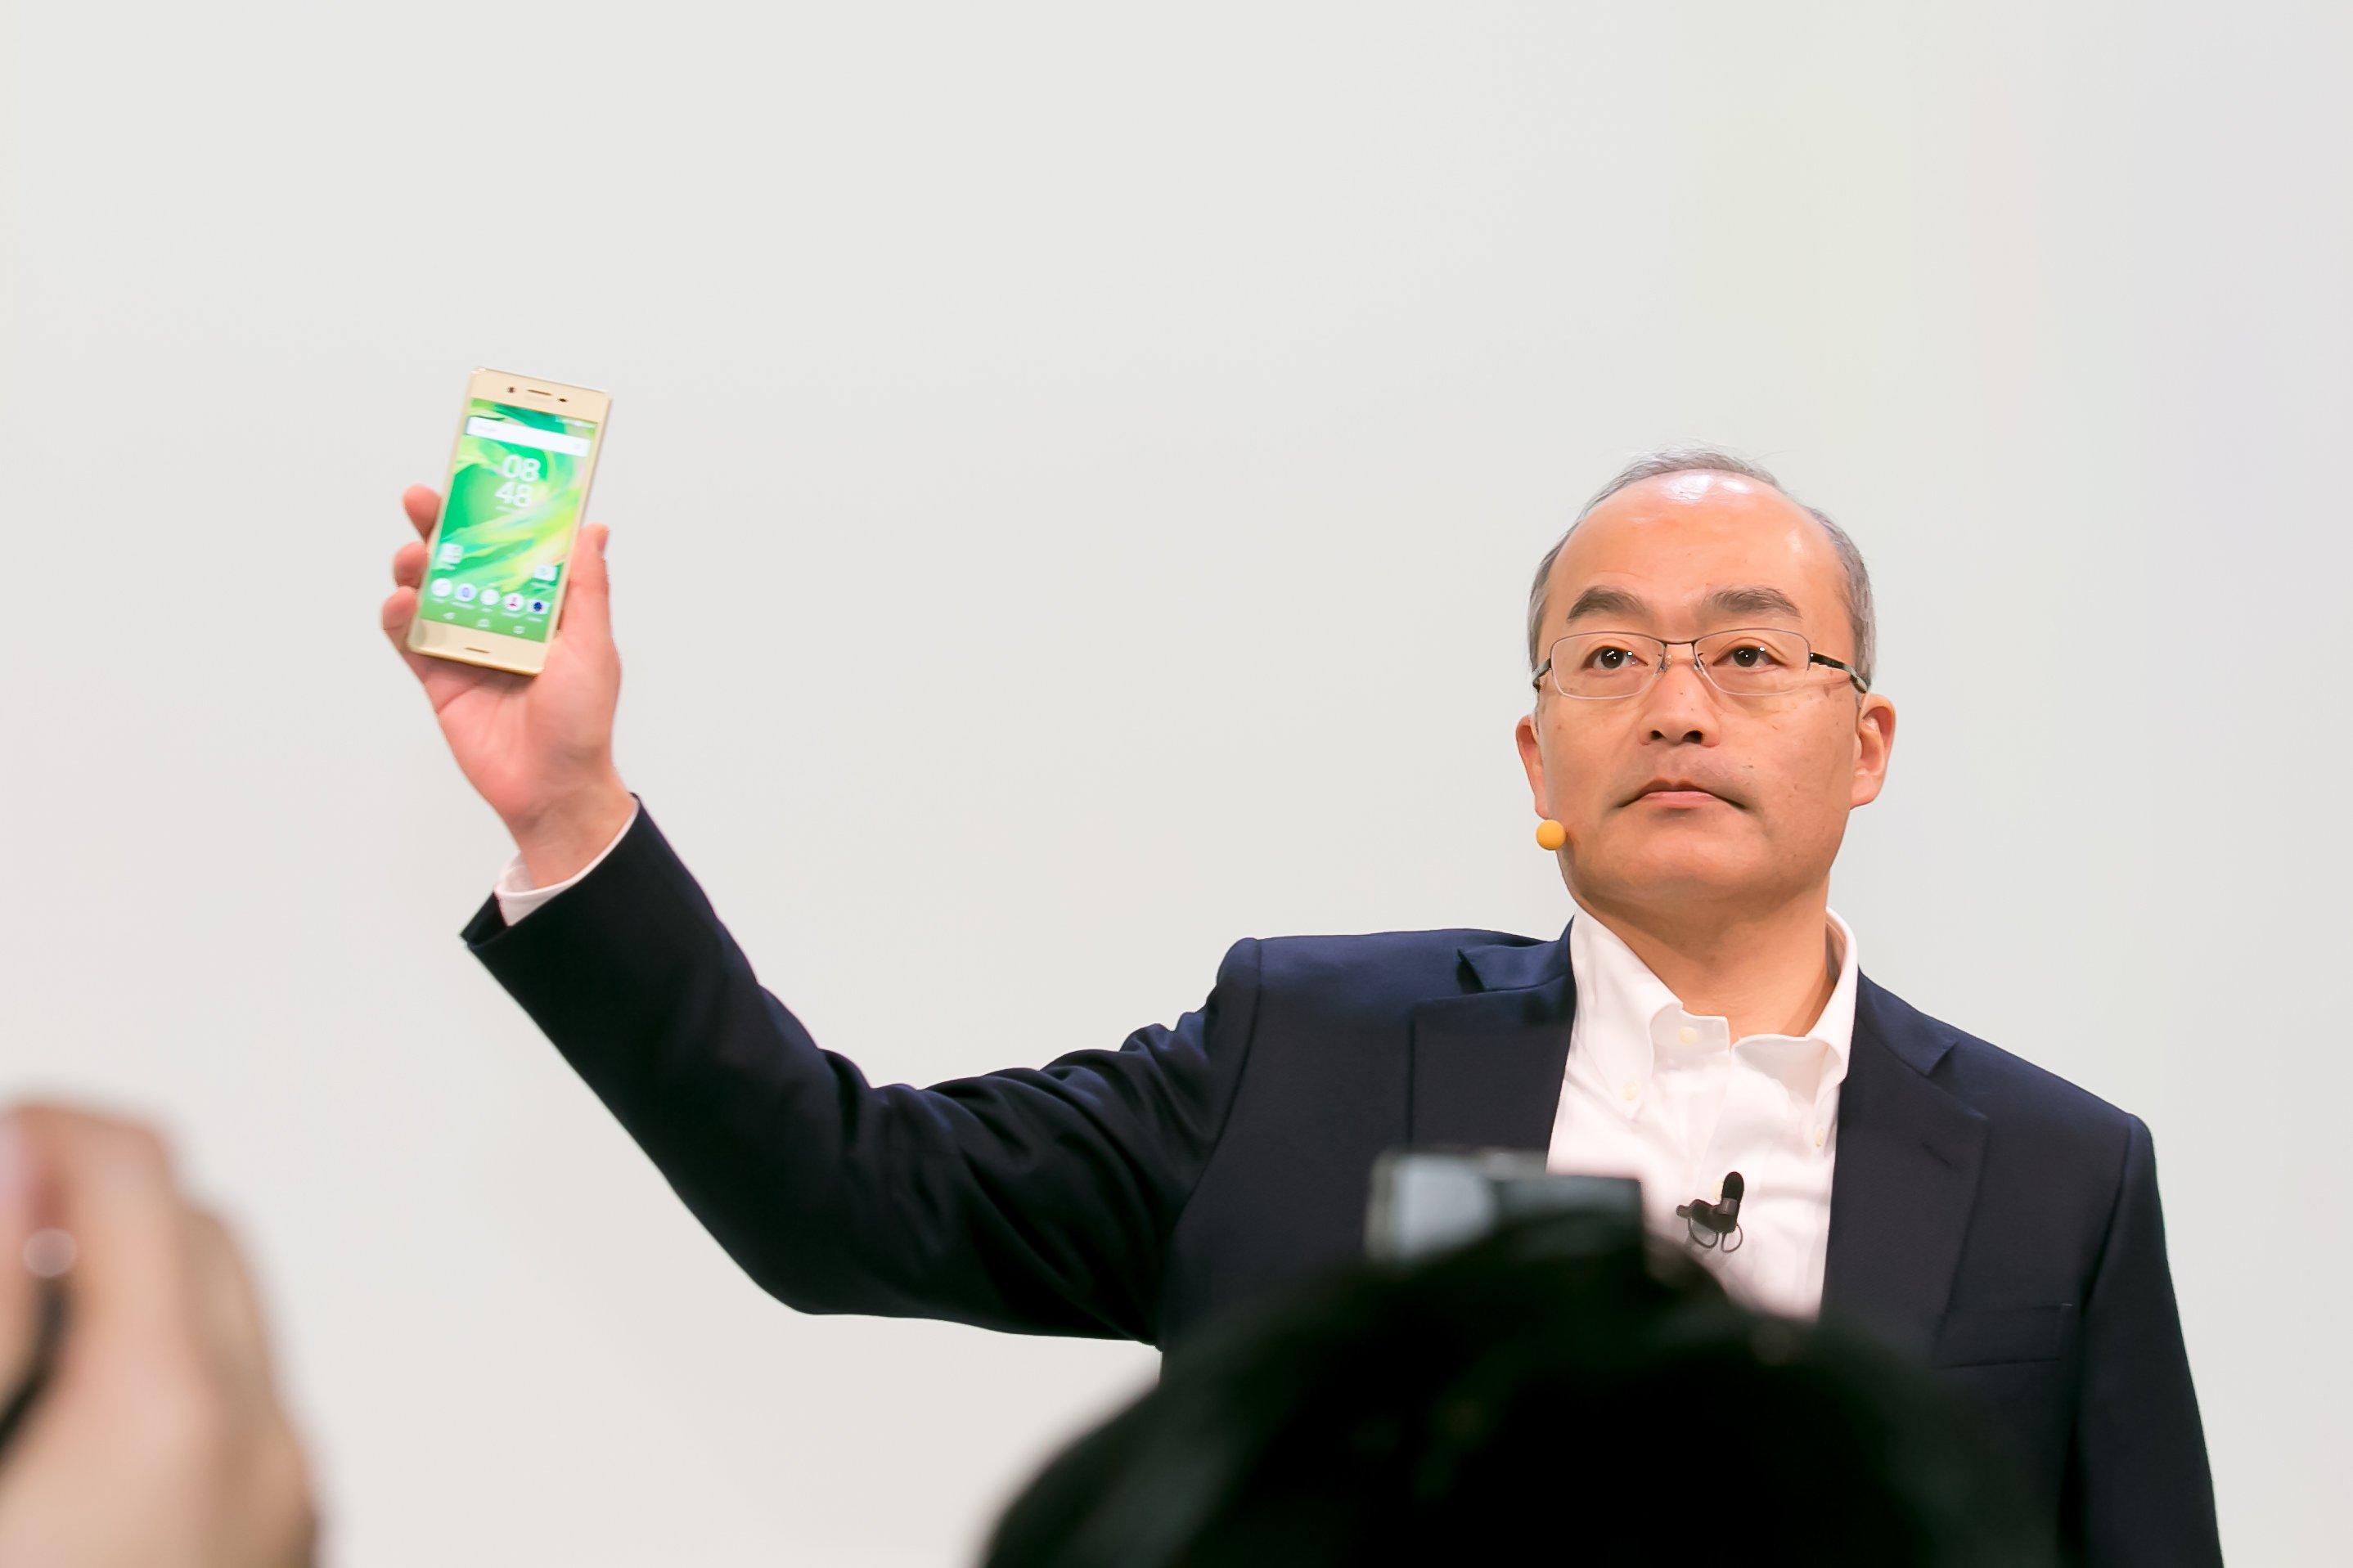 Prezident a CEO Sony Mobile Communications, Hiroki Totoki práve ukazuje nový rad telefónov Sony Xperia X